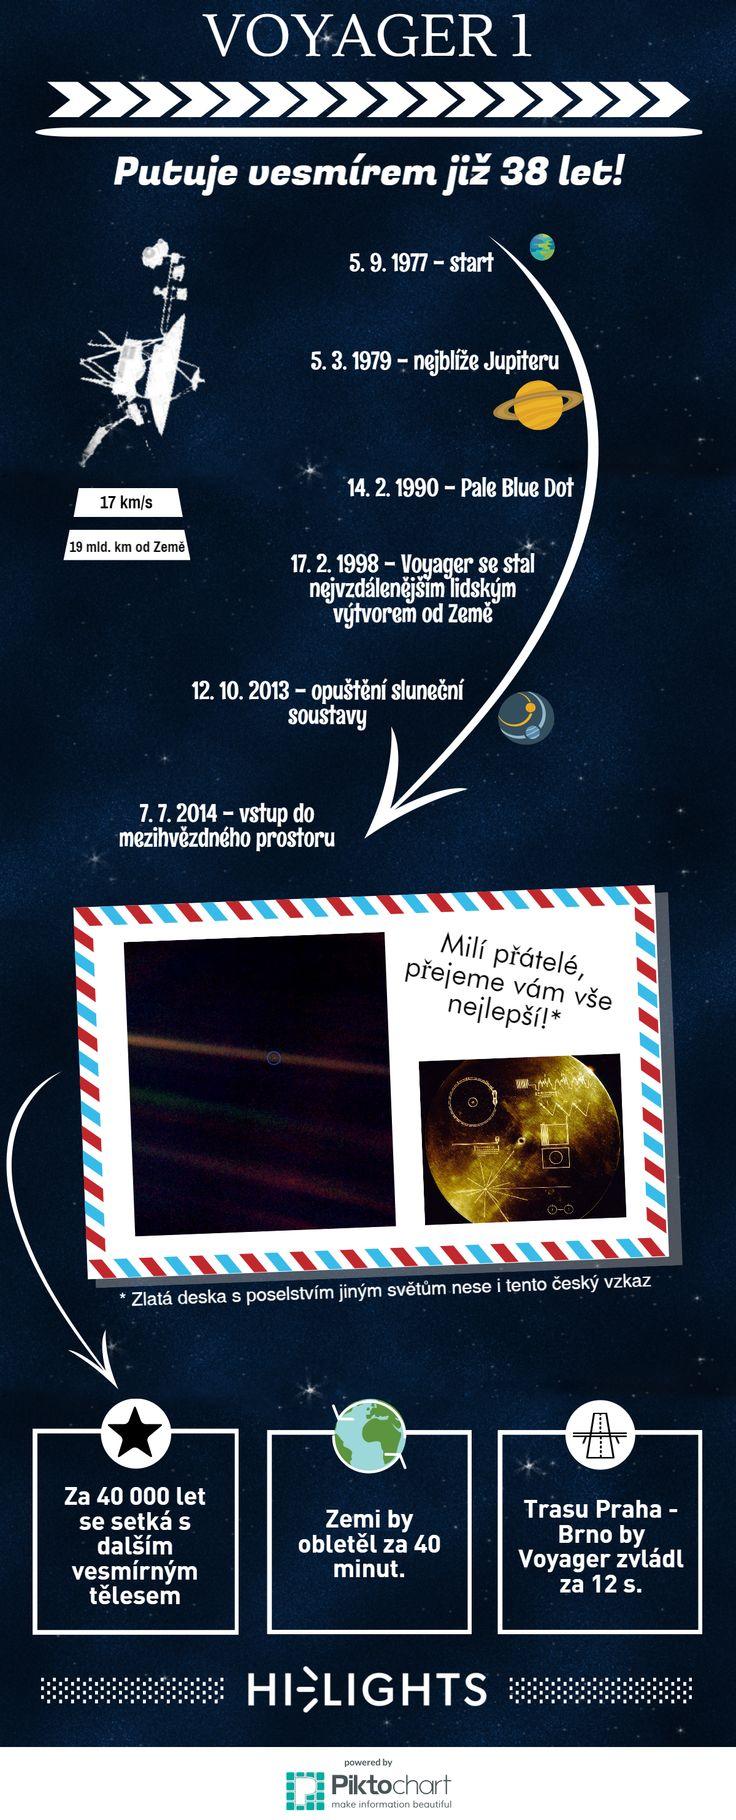 Již 38 let putuje sonda Voyager 1 vesmírem. Na planetu Zemi od té doby poslala 34 tisíc snímků, z nichž ten nejznámější – Pale Blue Dot – zachycuje naši modrou planetu z rekordní vzdálenosti 6,1 miliard kilometrů. Dnes se už sonda nachází mimo sluneční soustavu.